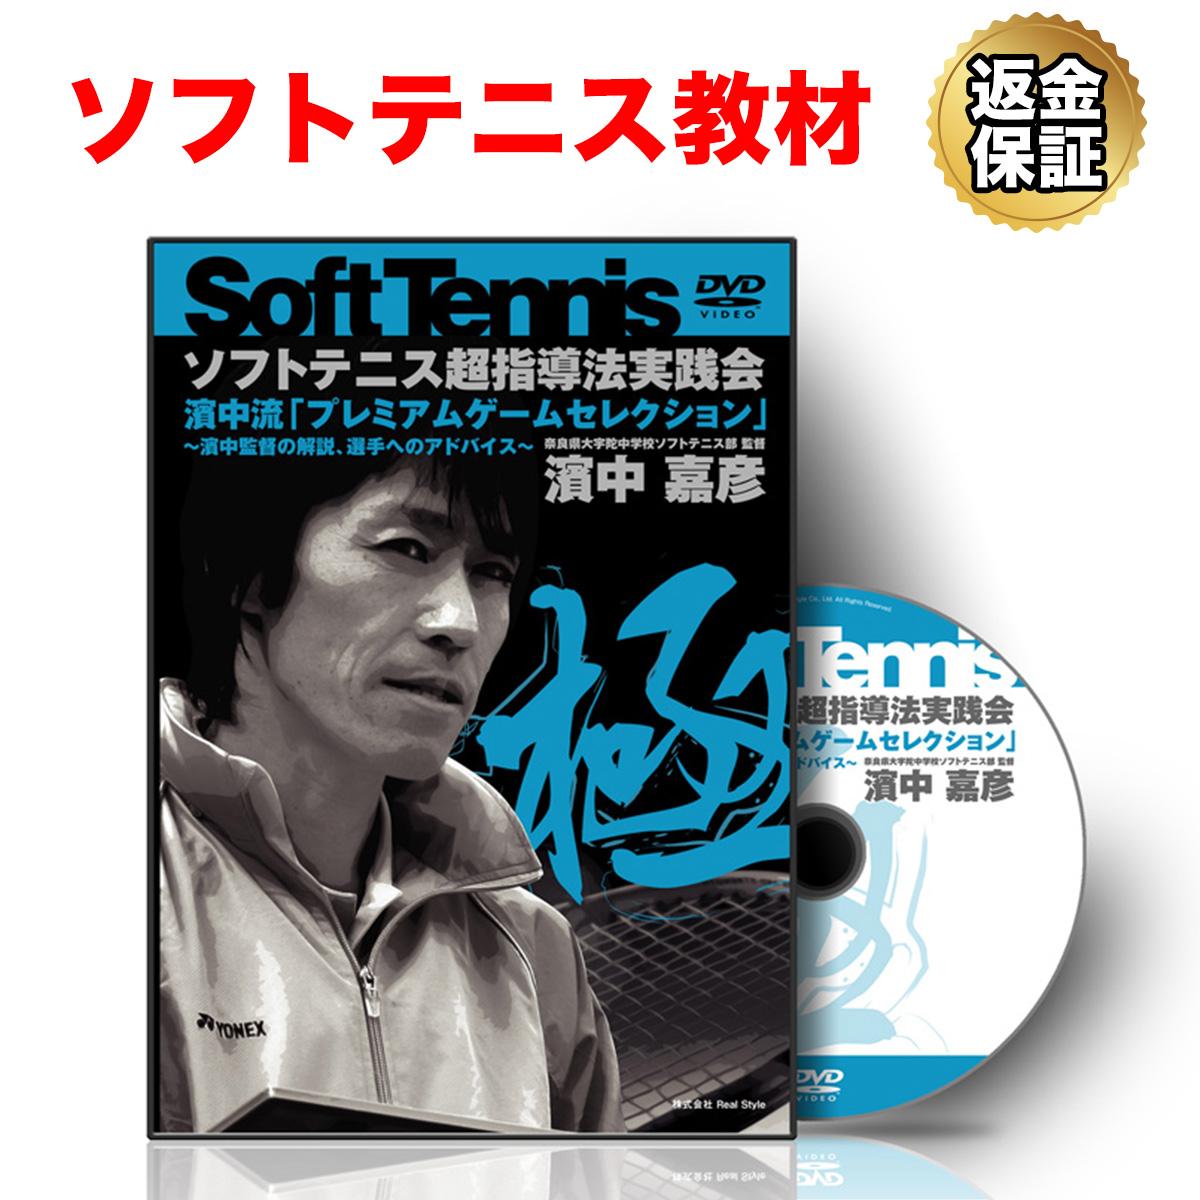 【ソフトテニス】濱中流「プレミアムゲームセレクション」